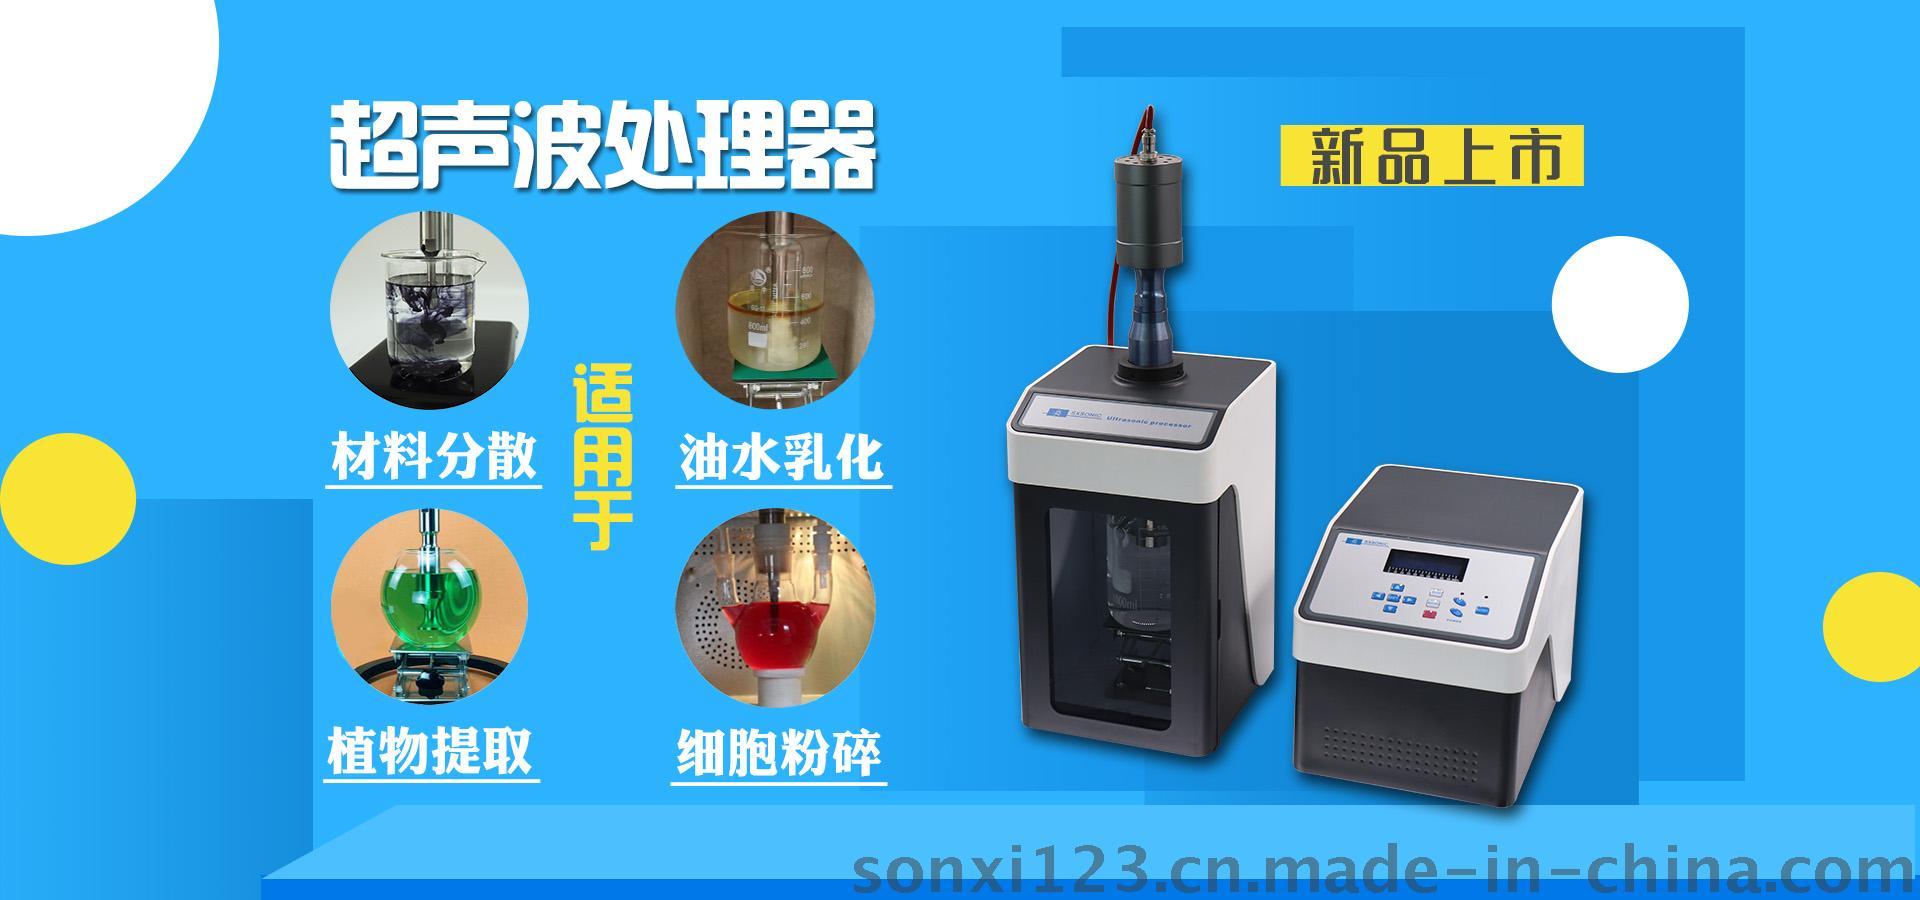 上海生析超声仪器有限公司